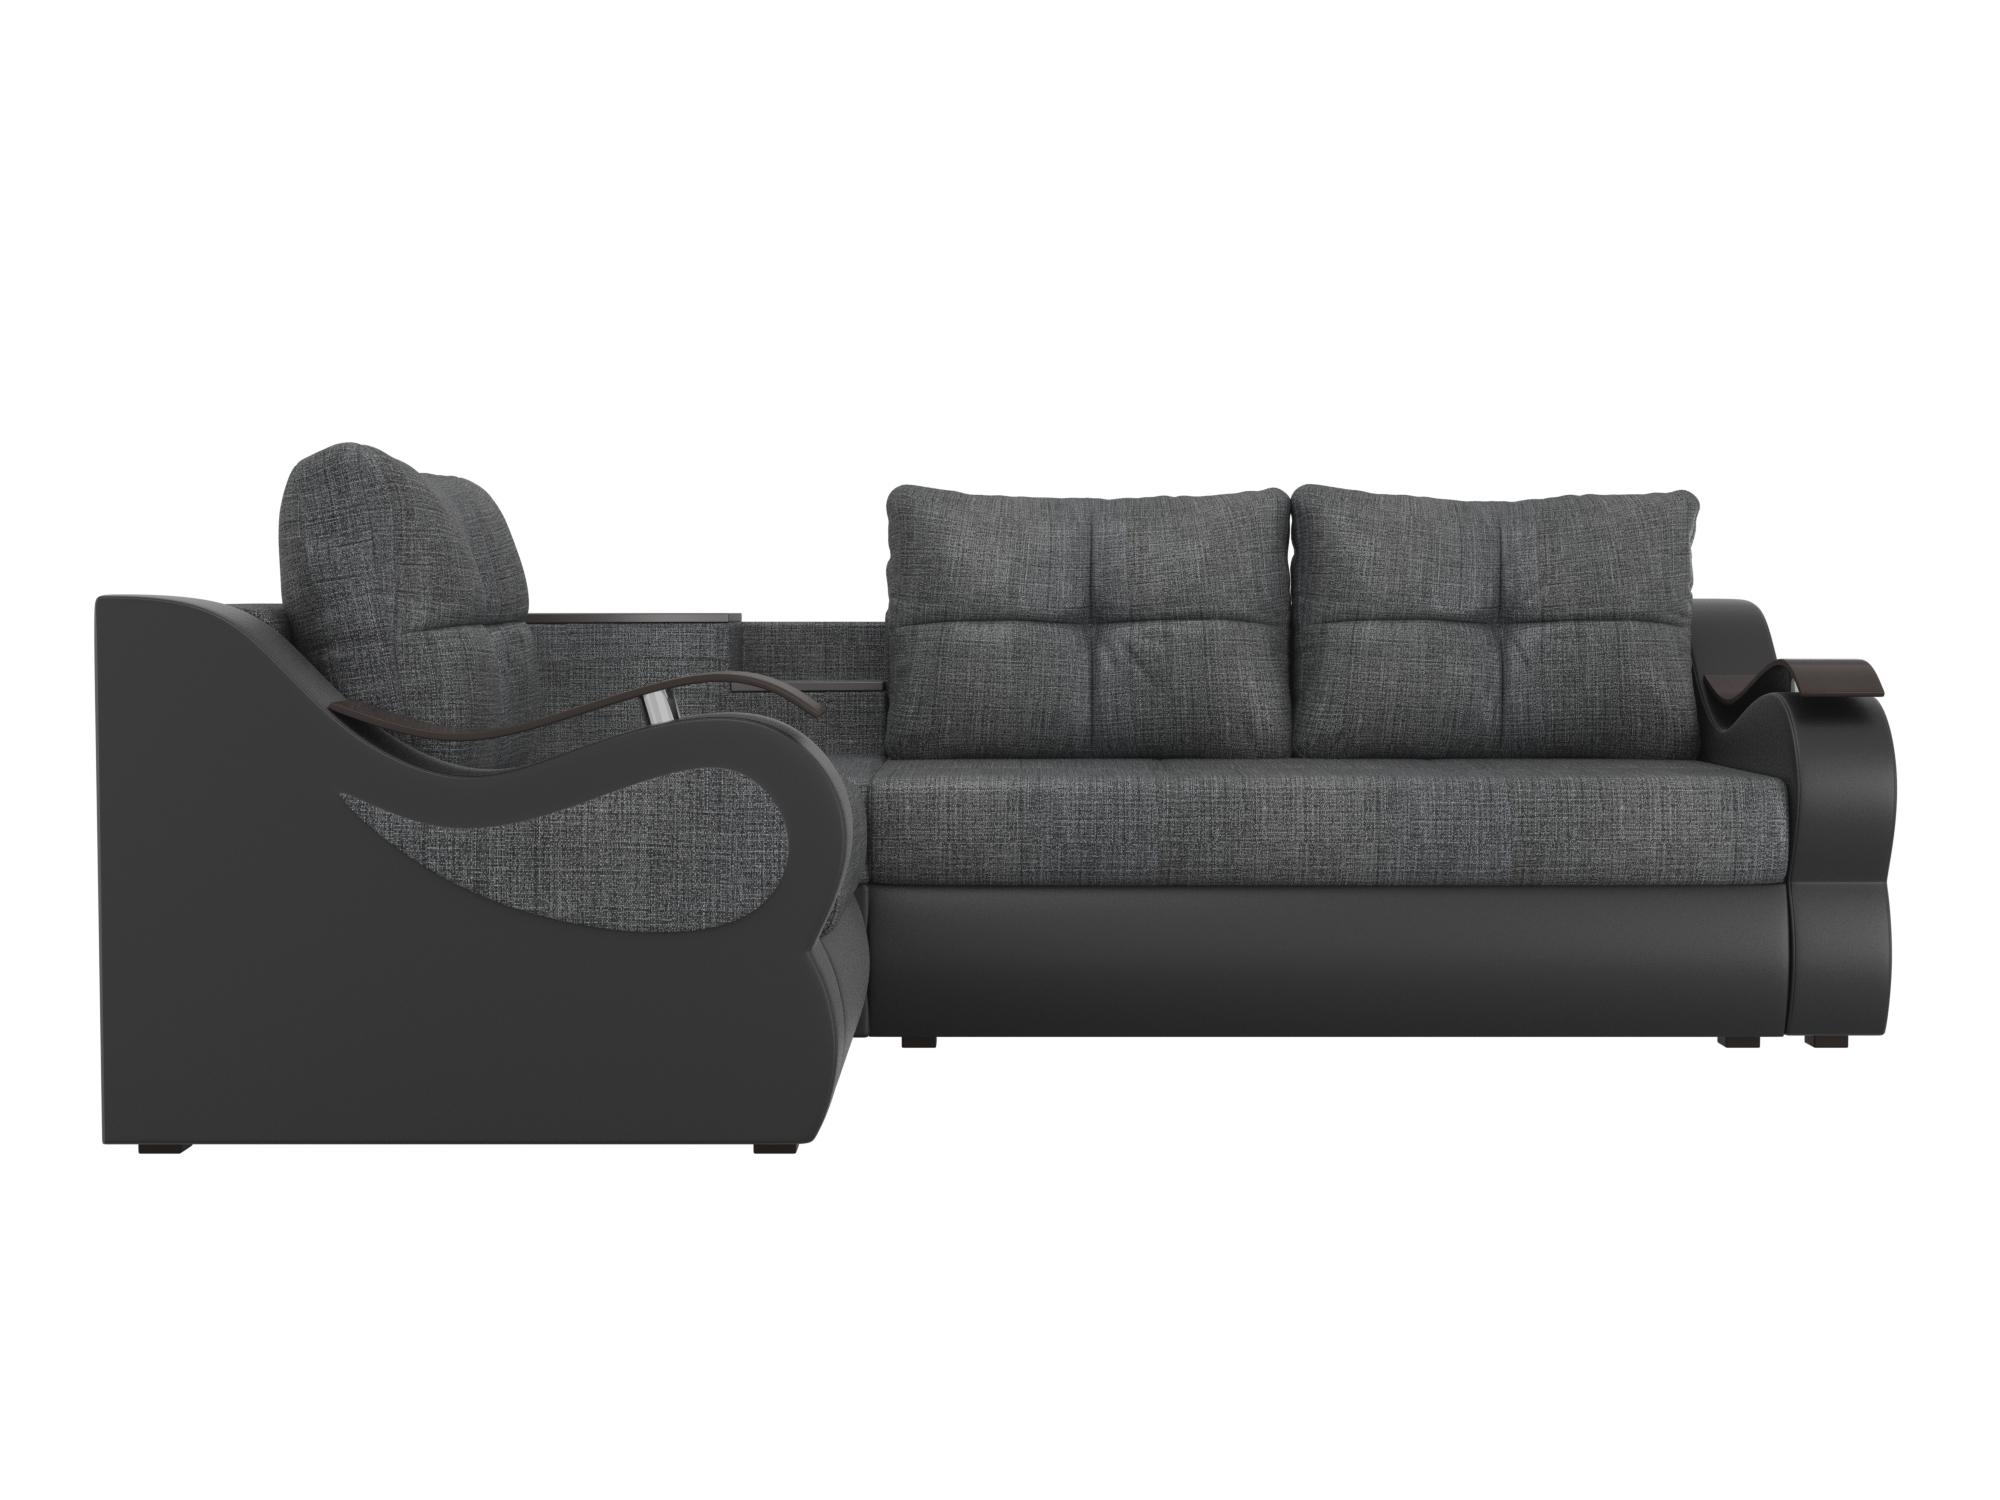 Угловой диван Митчелл Левый MebelVia Серый, Черный, Рогожка, ЛДСП Серый, Черный